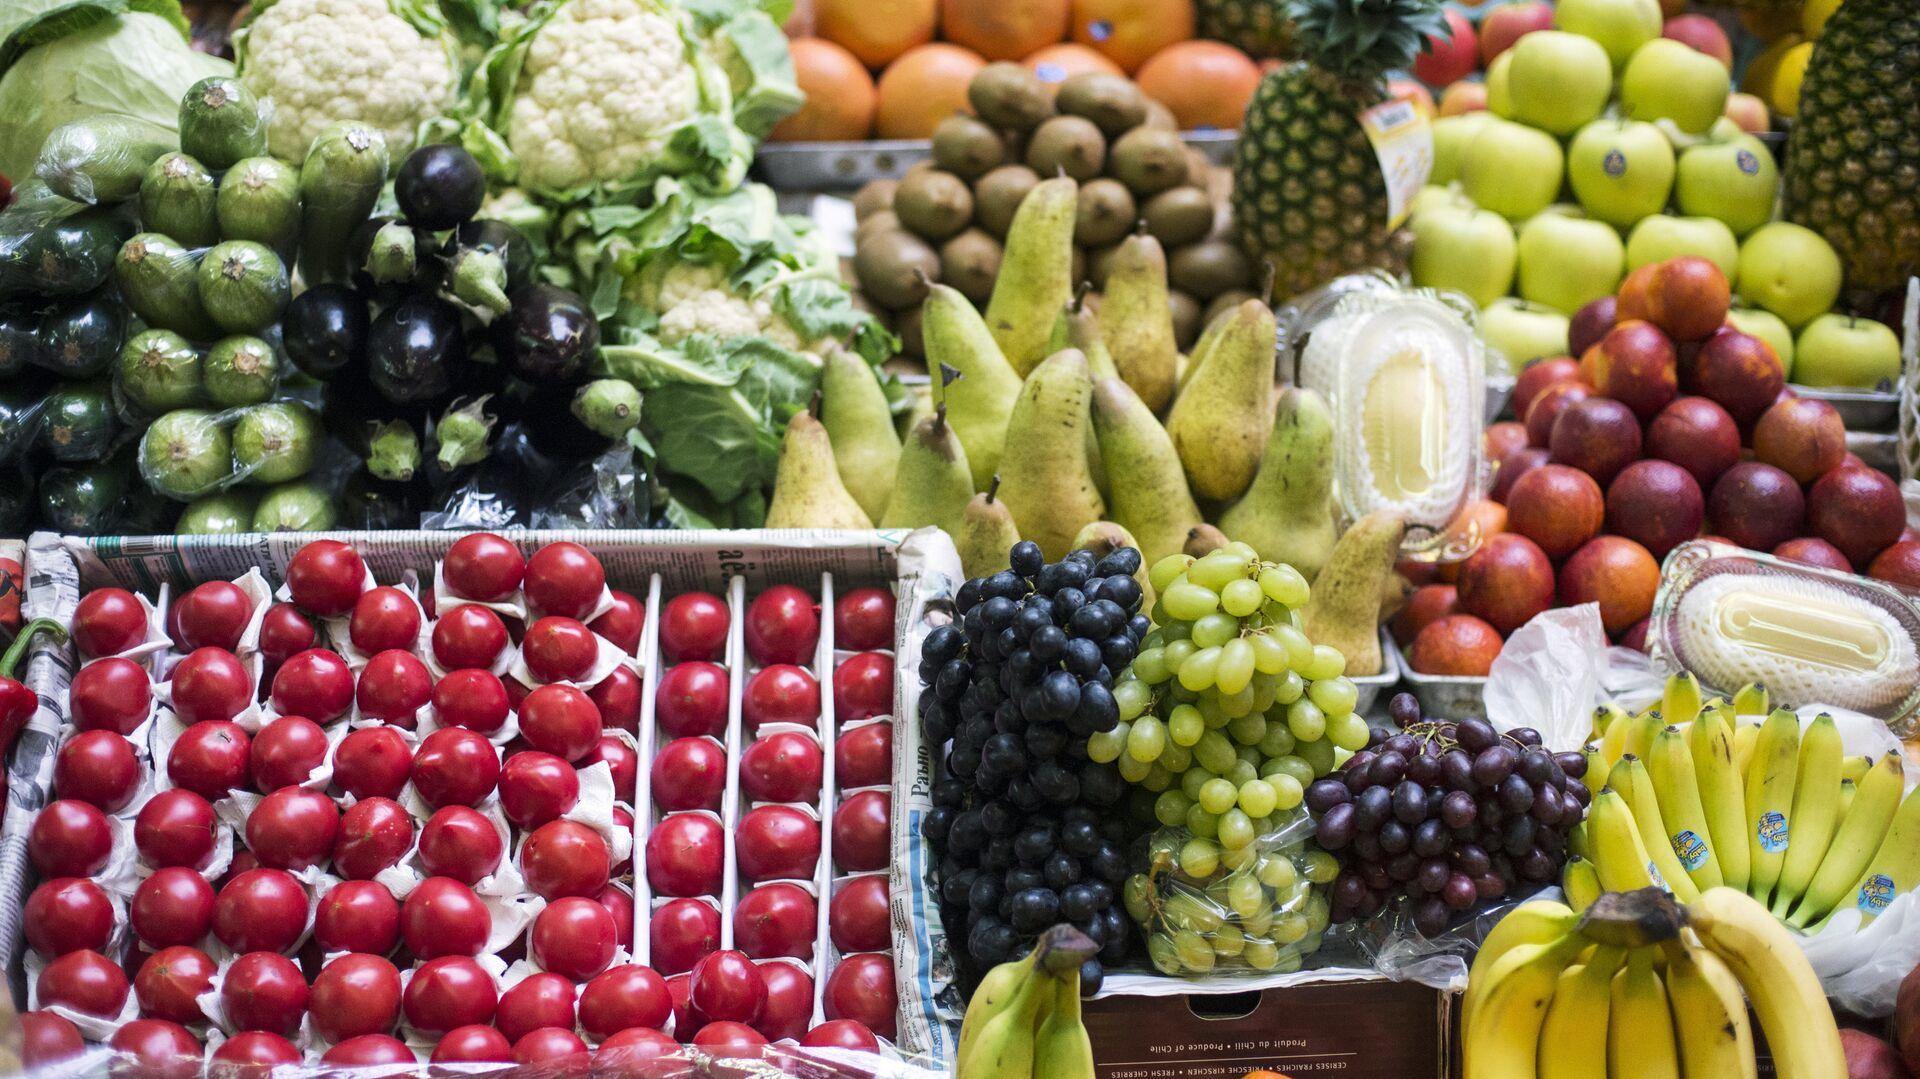 Прилавок с фруктами и овощами на рынке - РИА Новости, 1920, 28.01.2021